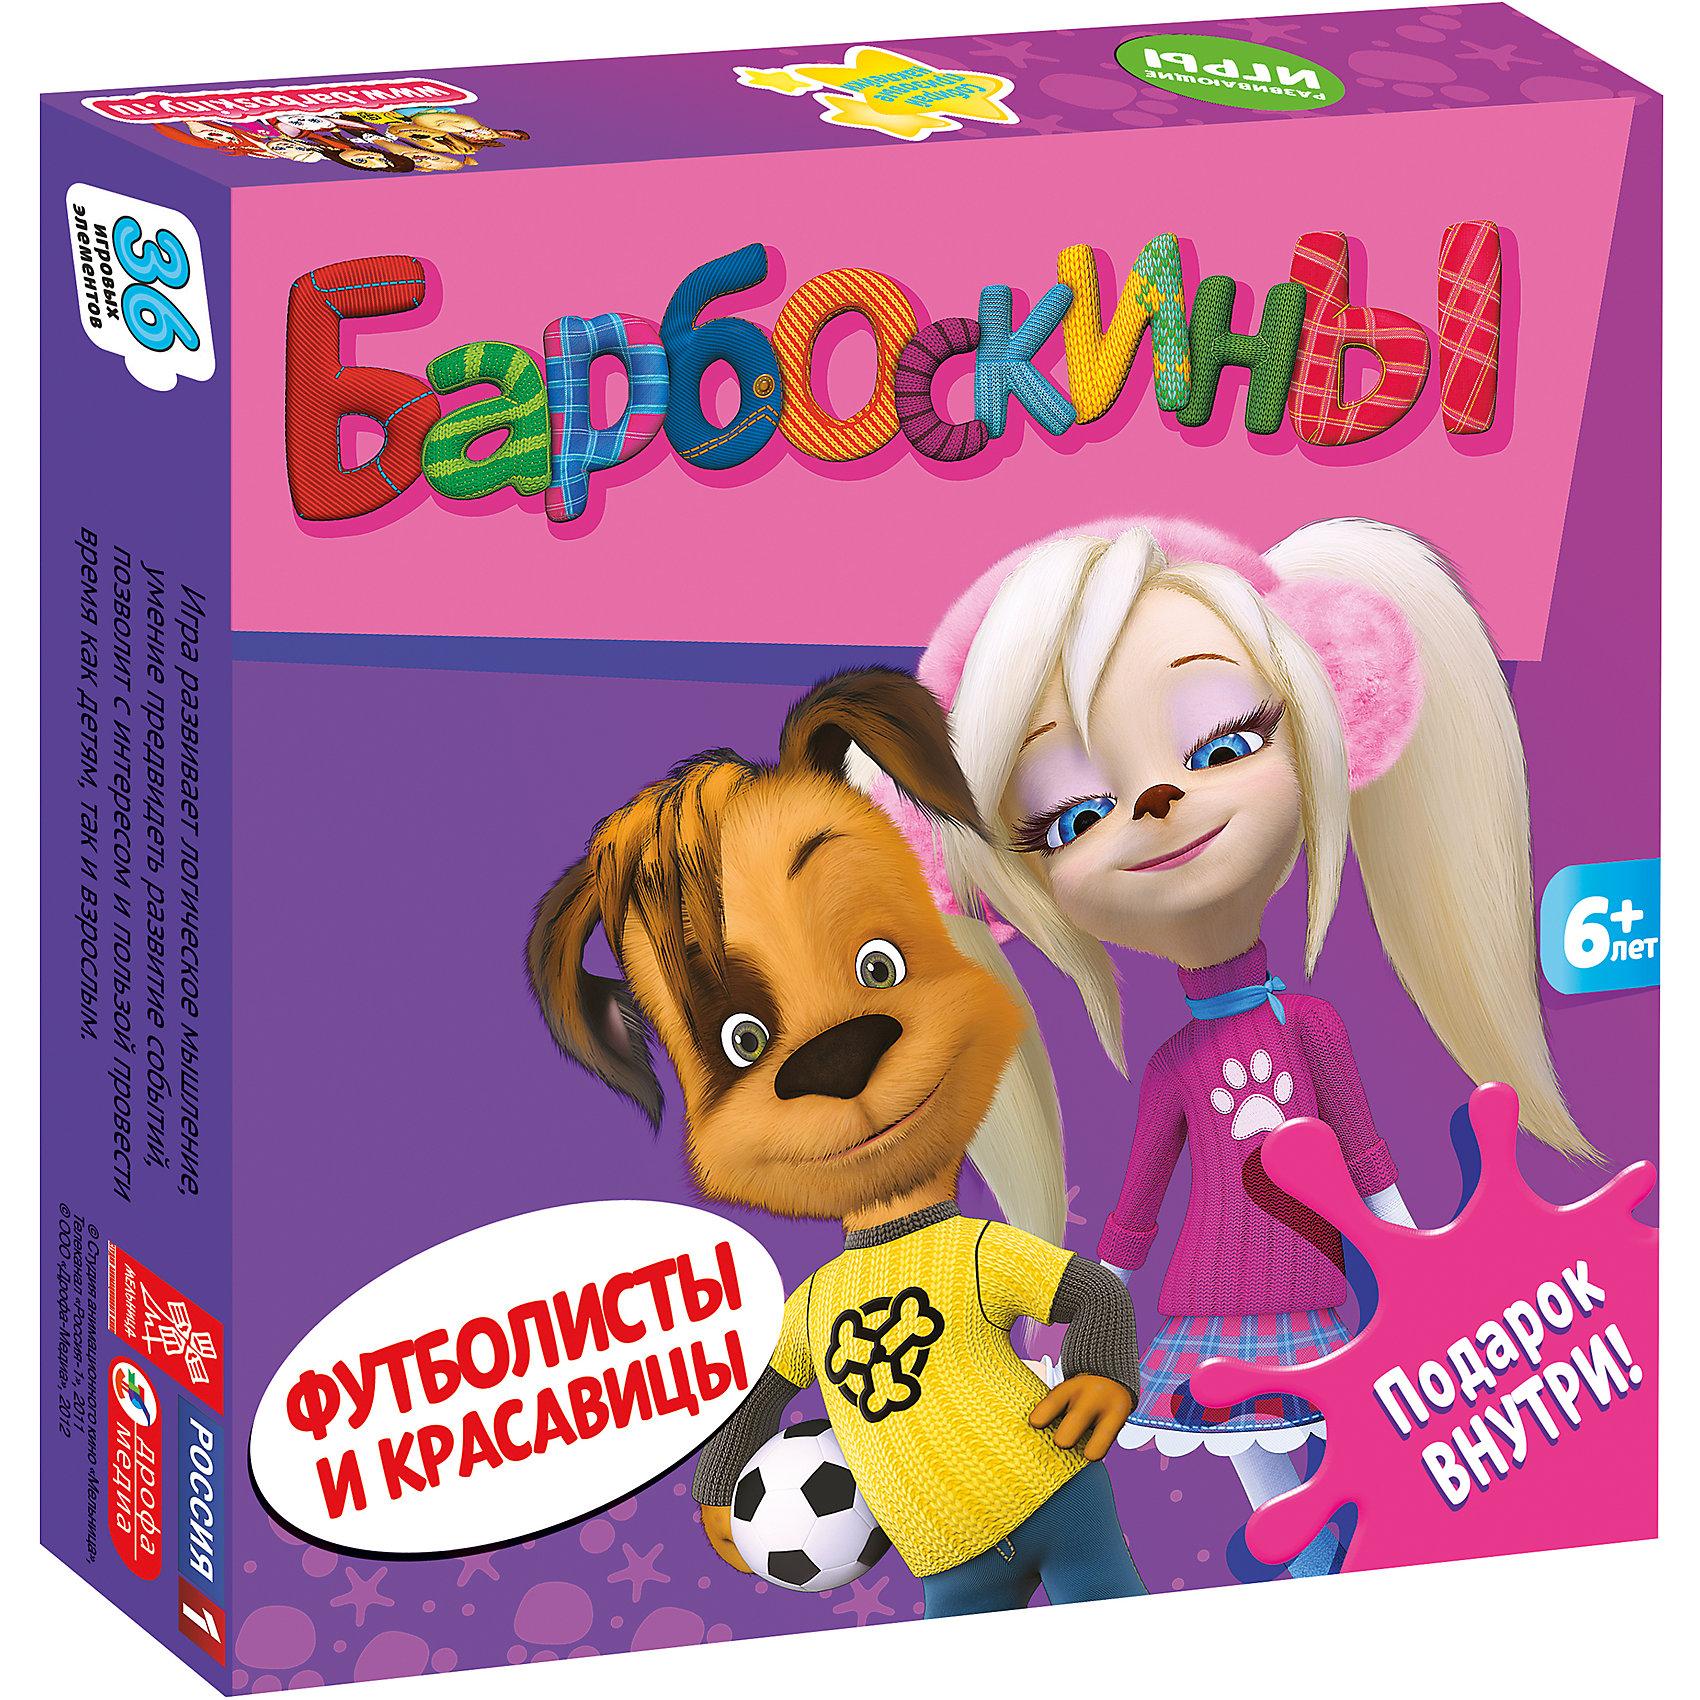 - Игра Футболисты и красавицы, Барбоскины библиотека сойкина комплект из 147 книг